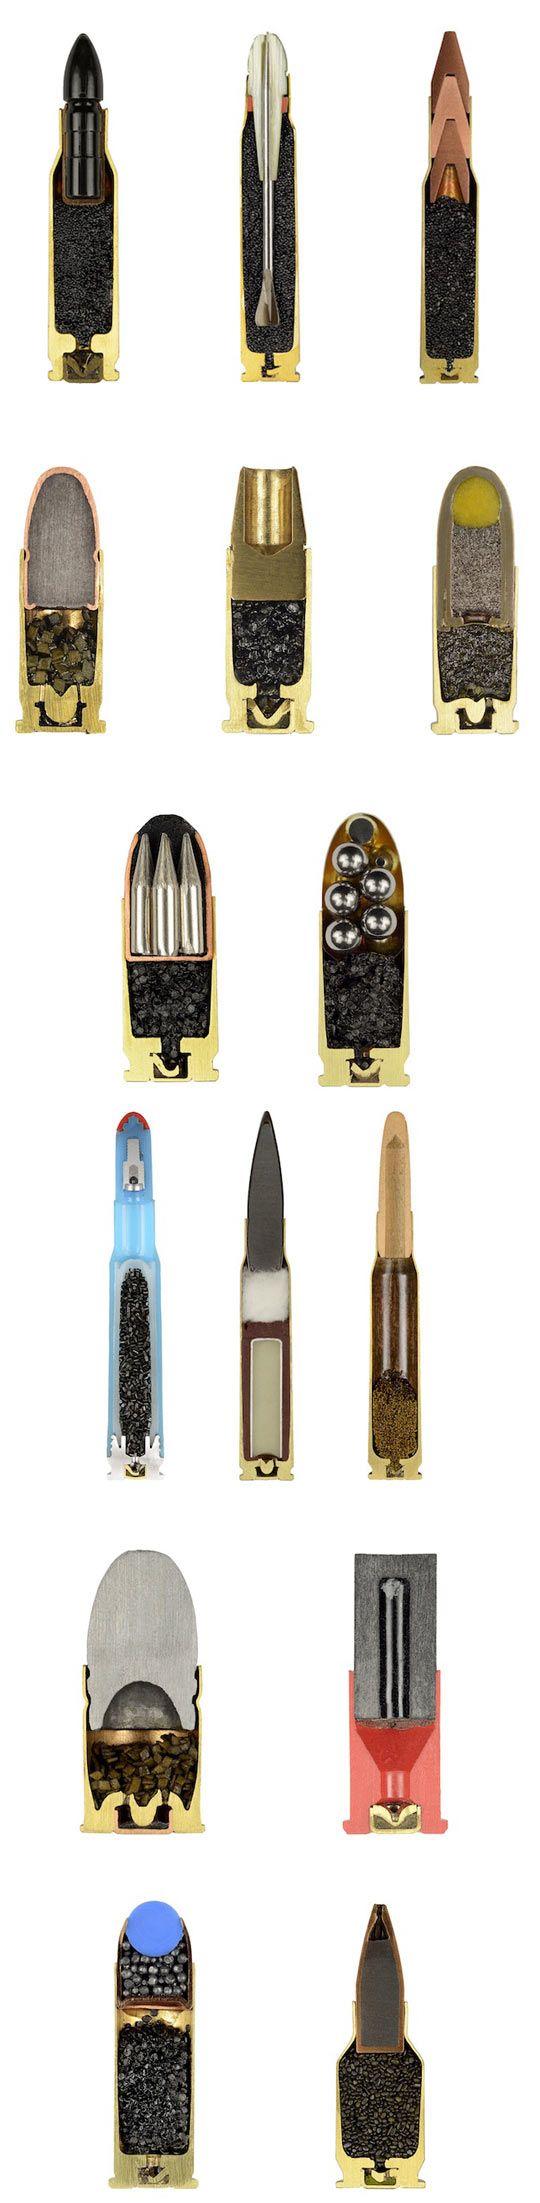 Bullets precisely split in half…